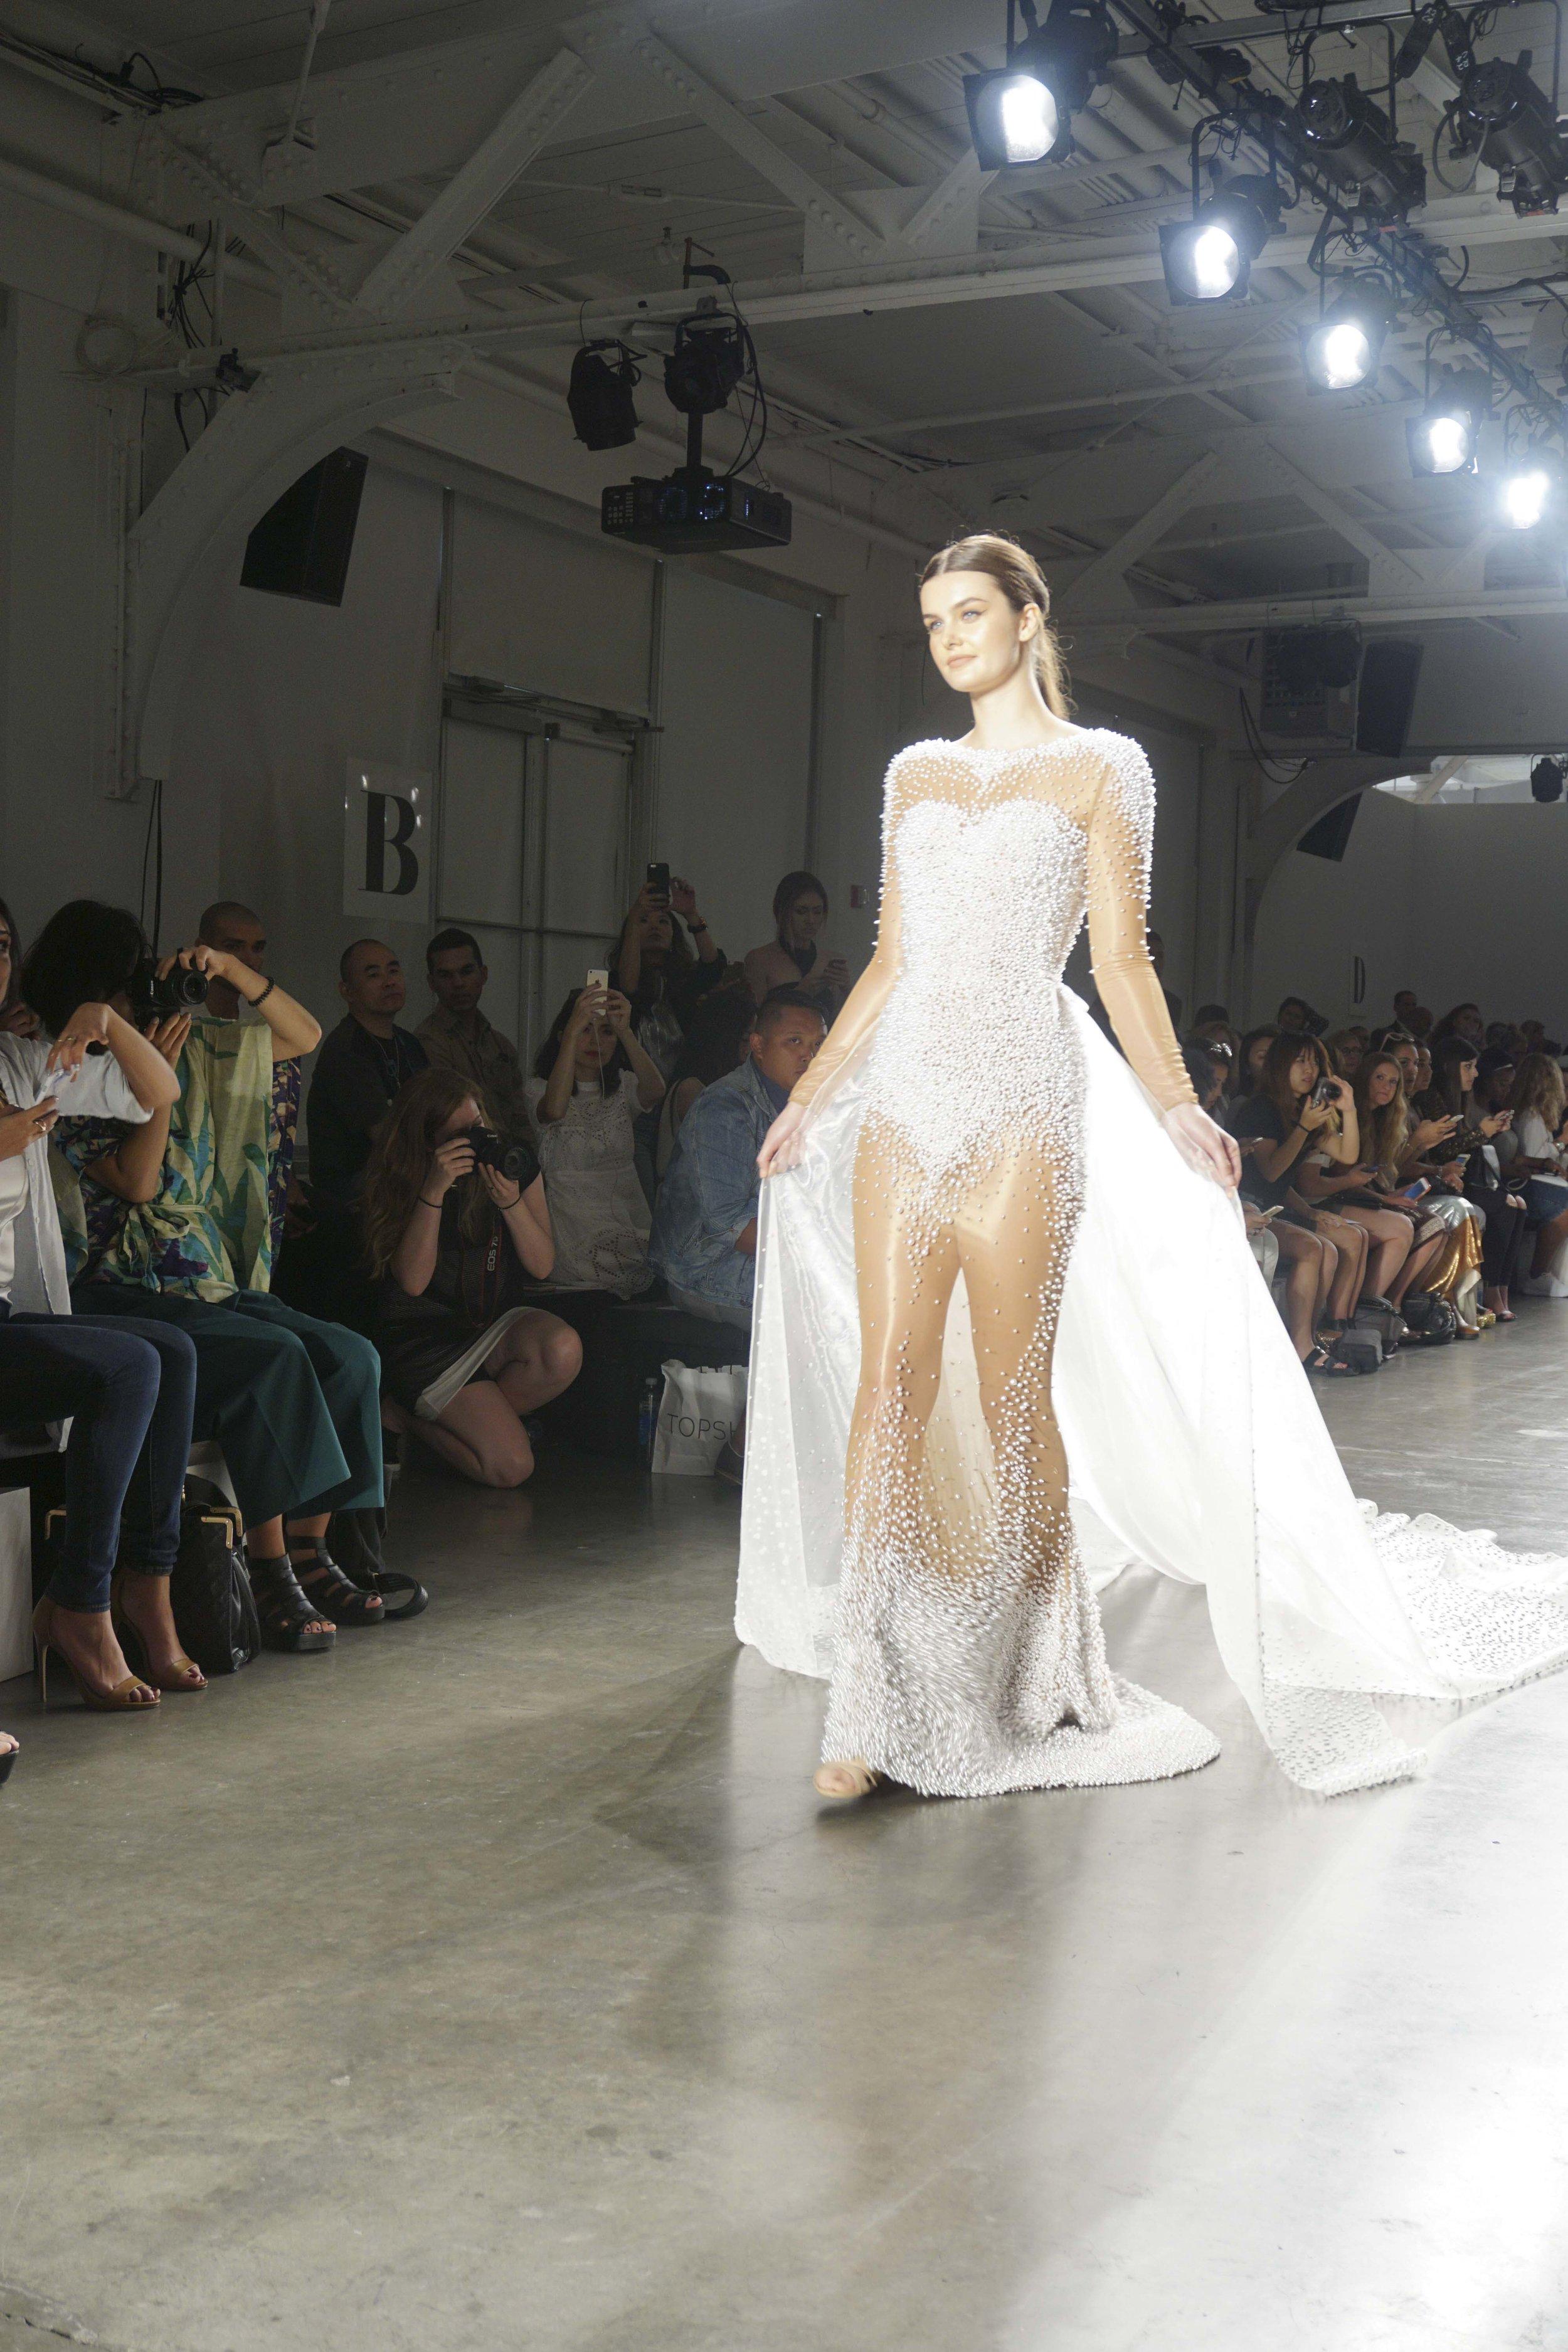 Fashion Pallette5.jpg